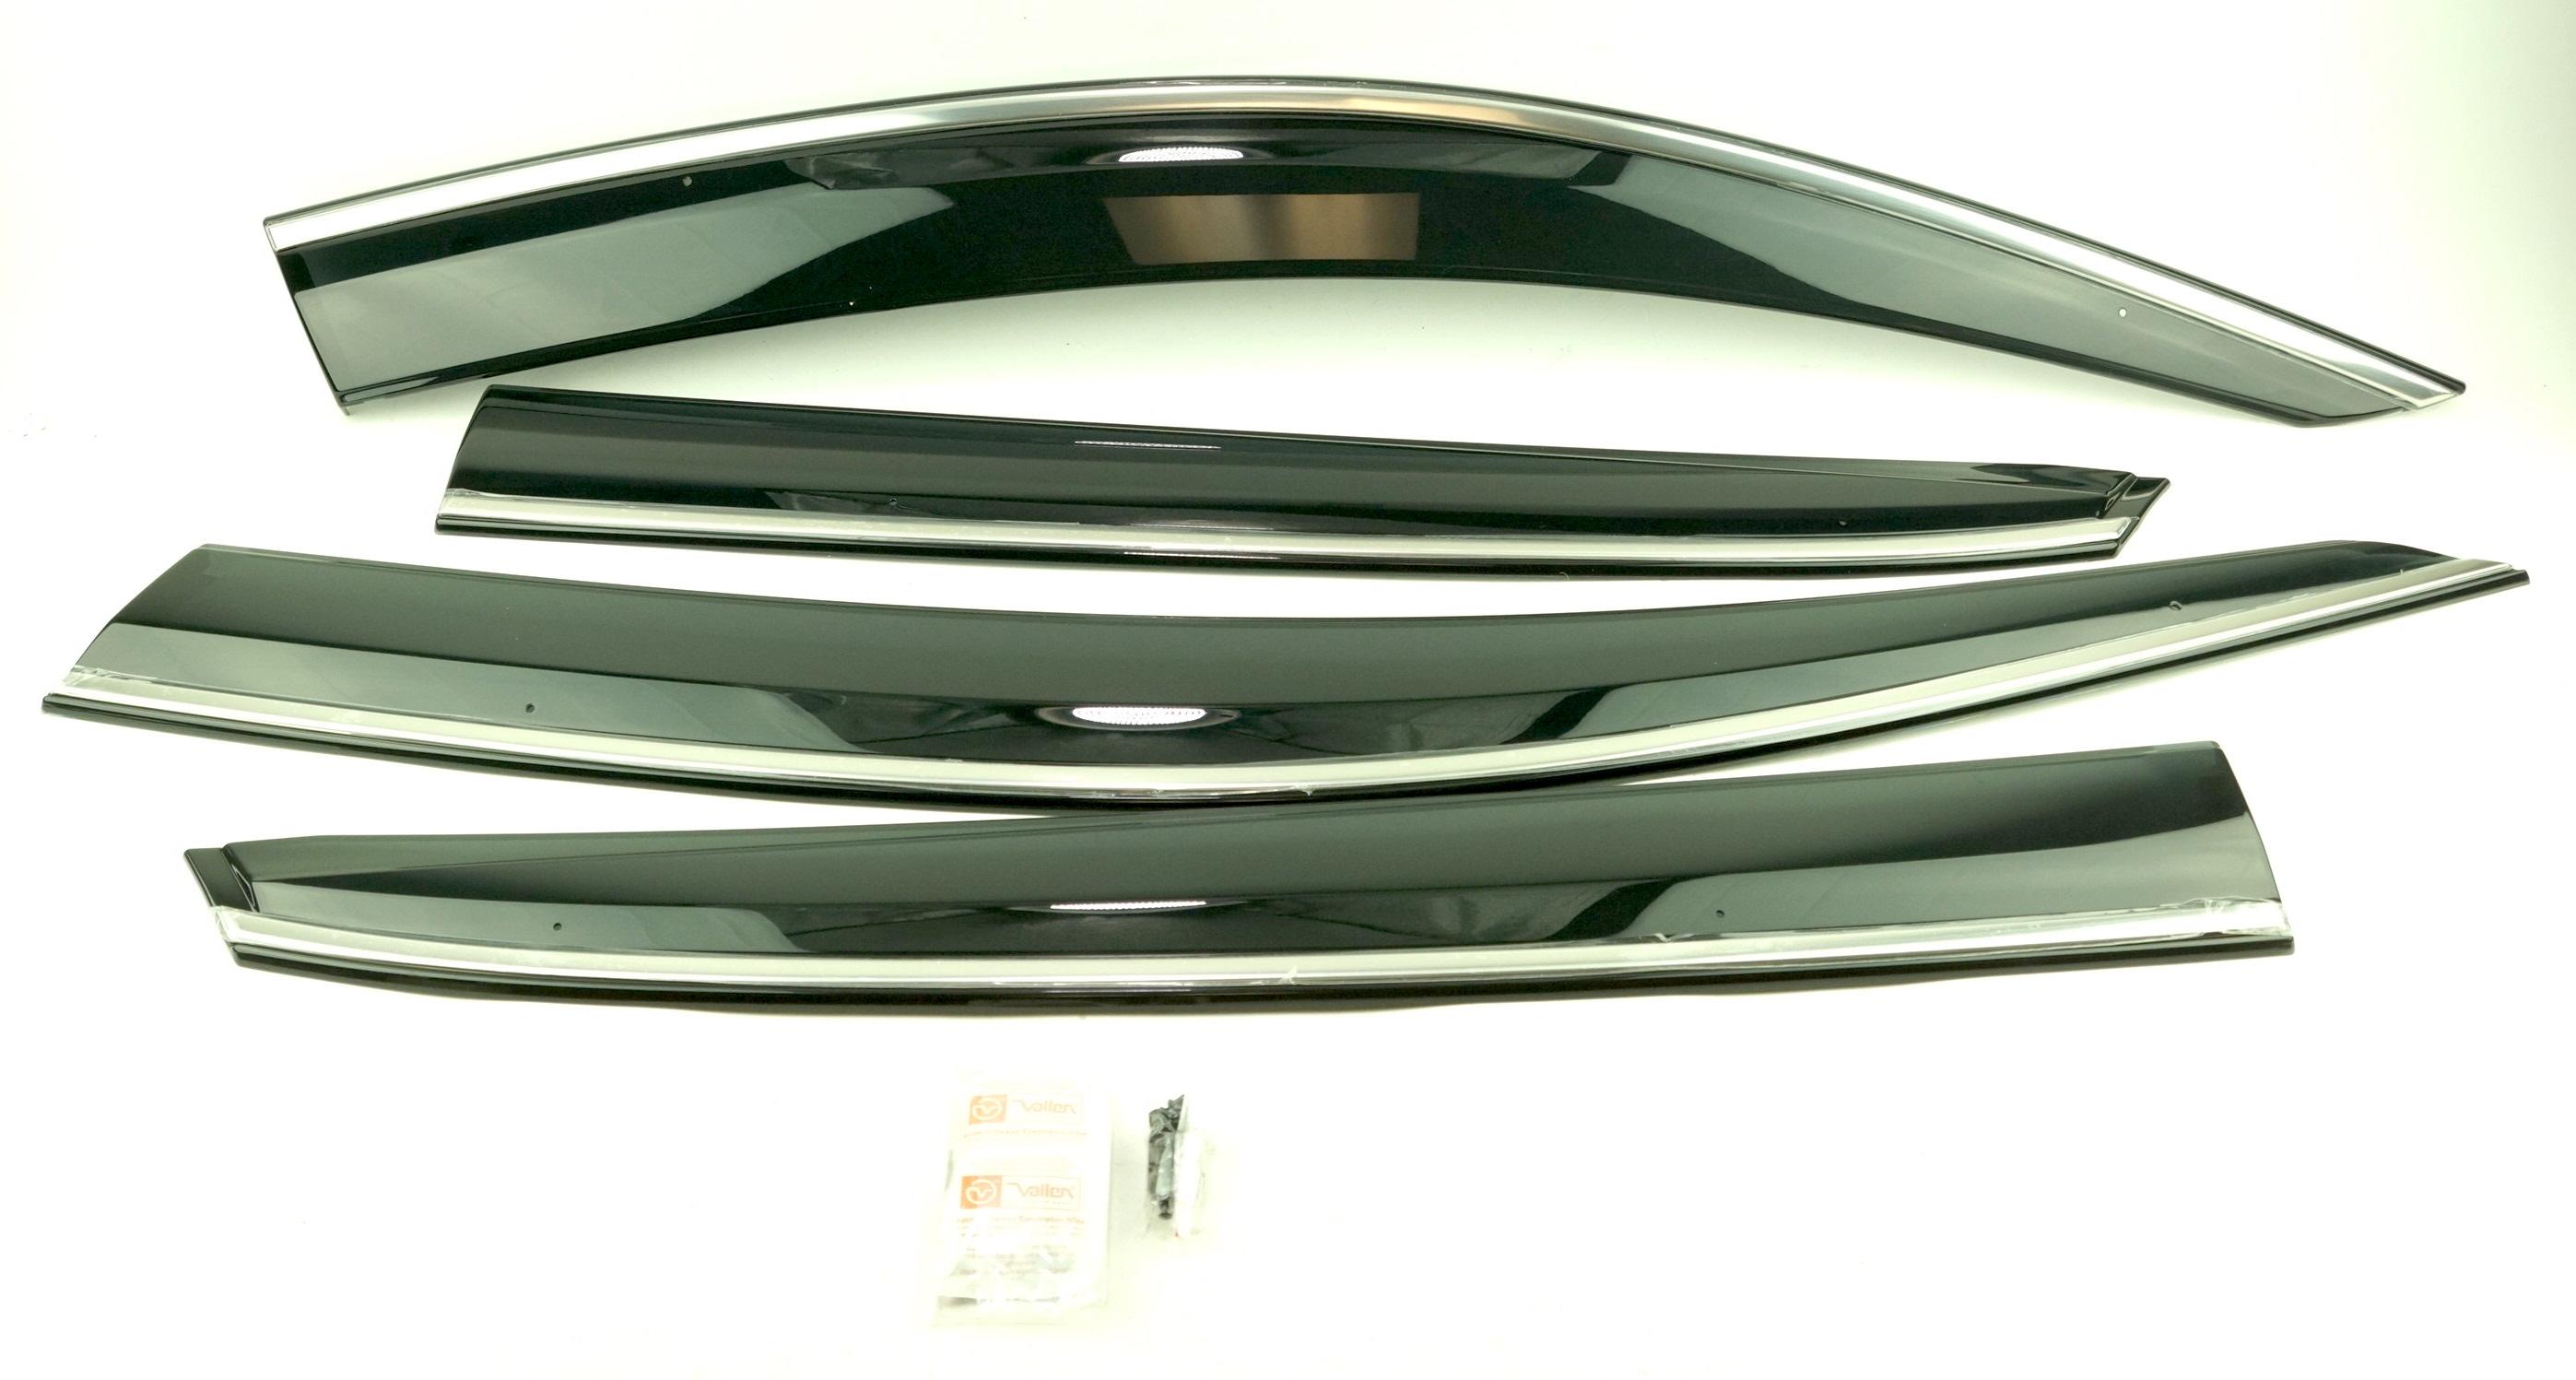 New OEM 08R04TGG100 Honda Civic Hatchback Sport Touring Door Visor Kit 5Dr Hatch - image 1